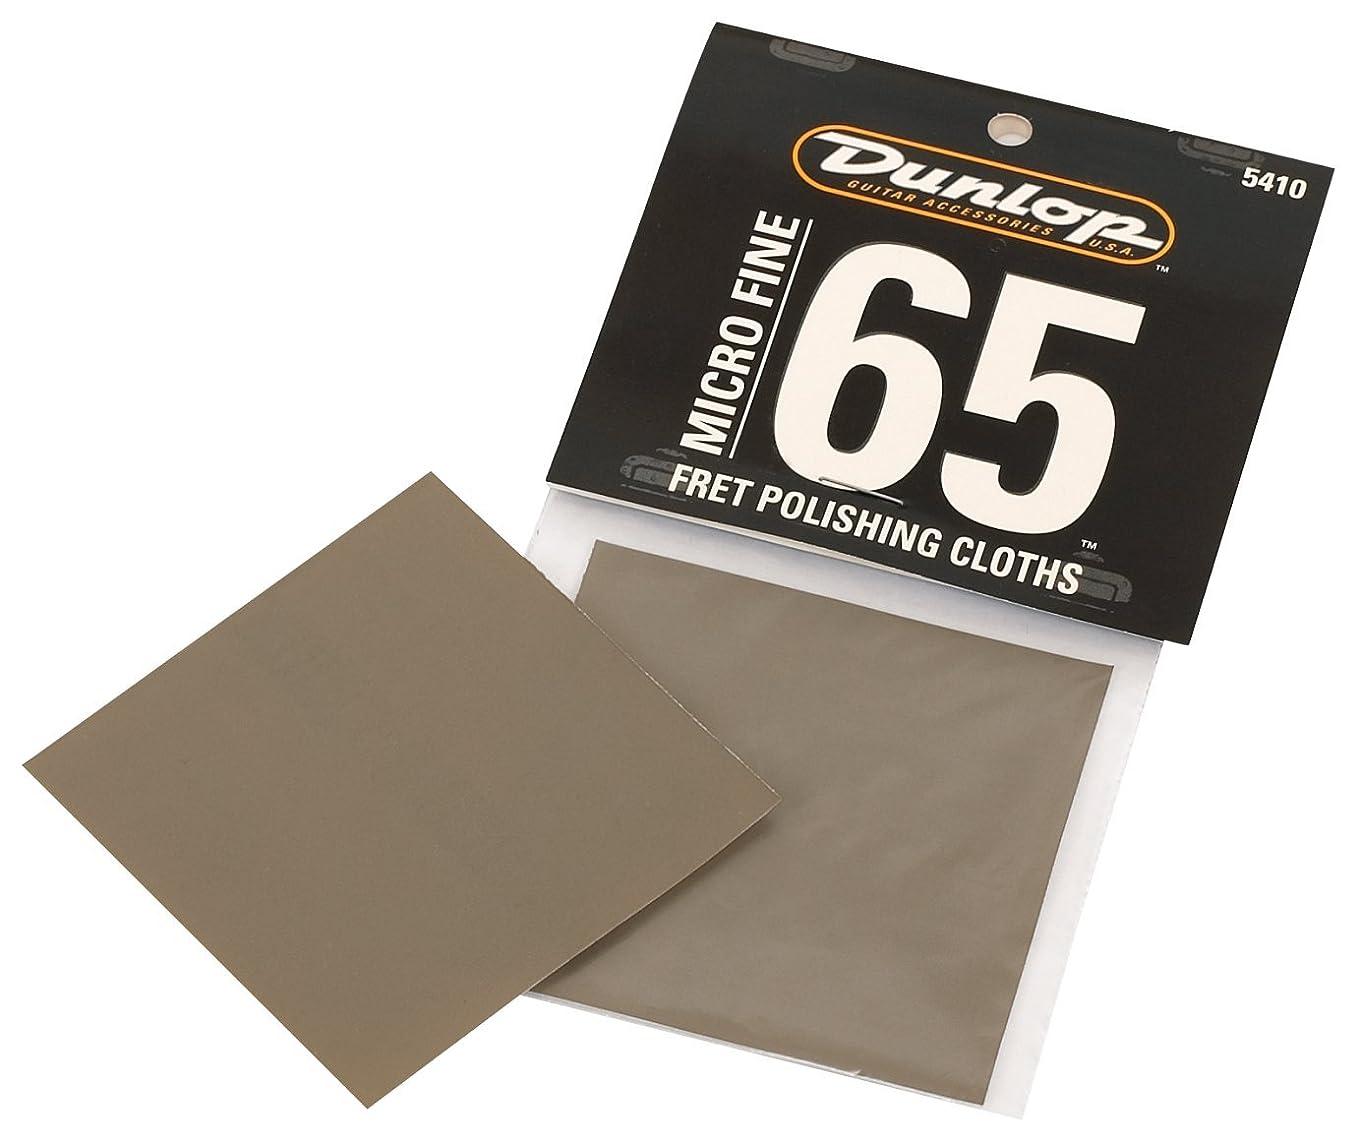 夢胆嚢電圧Jim Dunlop (ジム ダンロップ) 5410 フレット ポリッシング クロス Fret Polishing Cloth